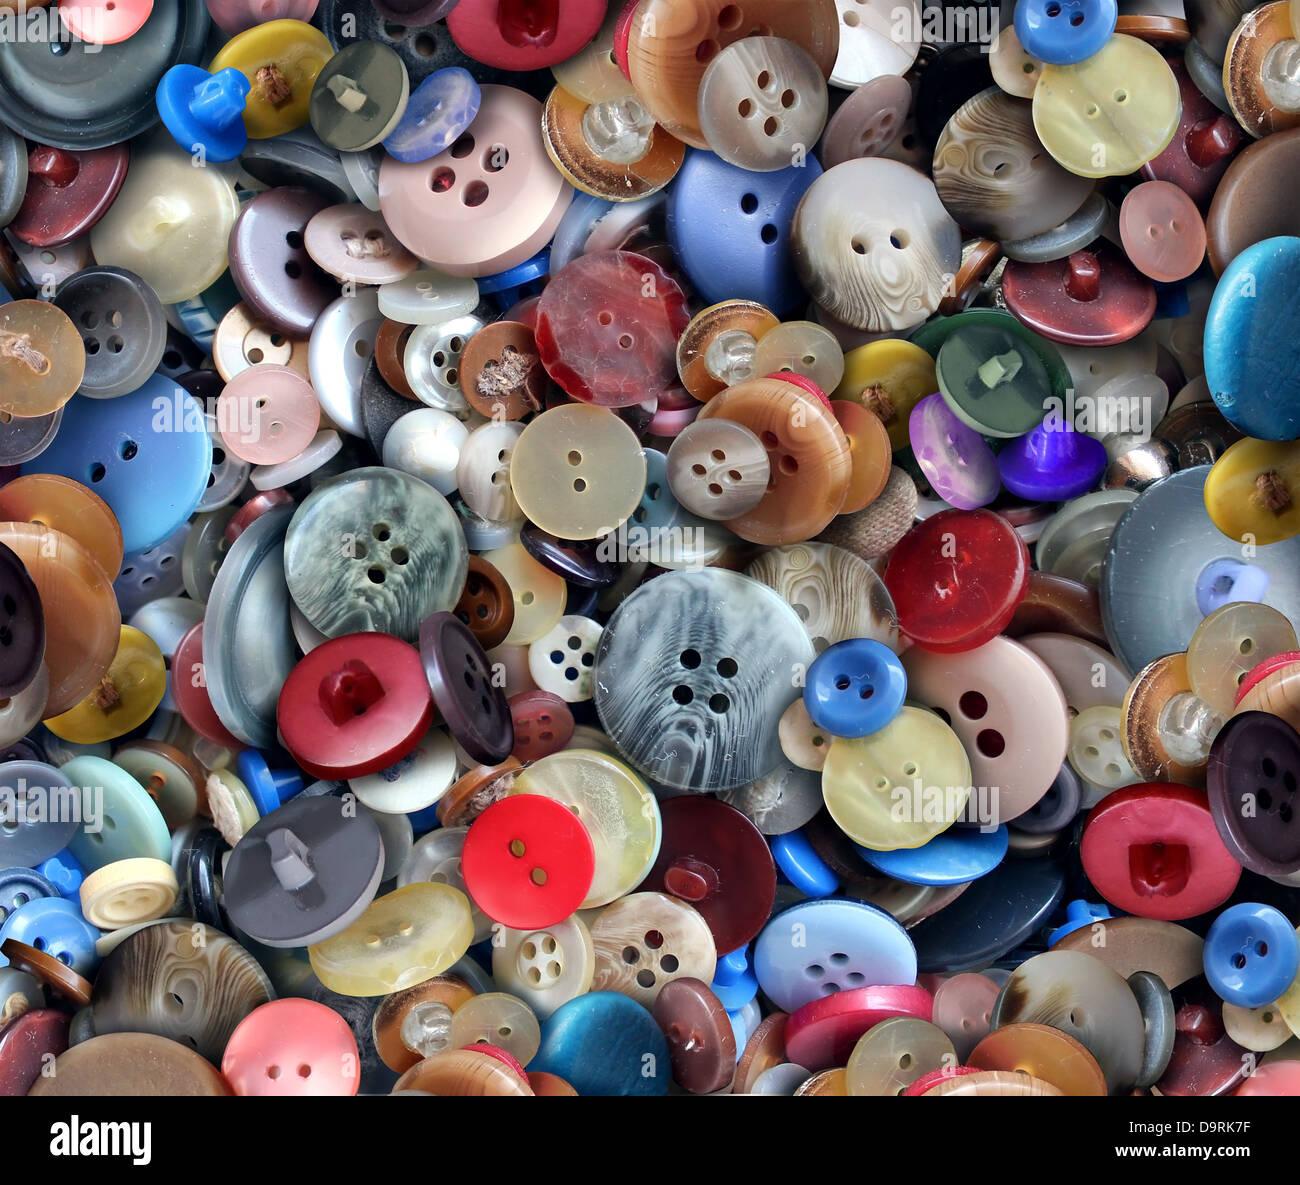 Gruppe von alten generischen Bekleidungs- und Textilindustrie Tasten als ein Mode-Design-Konzept für die Bekleidungsindustrie Stockbild